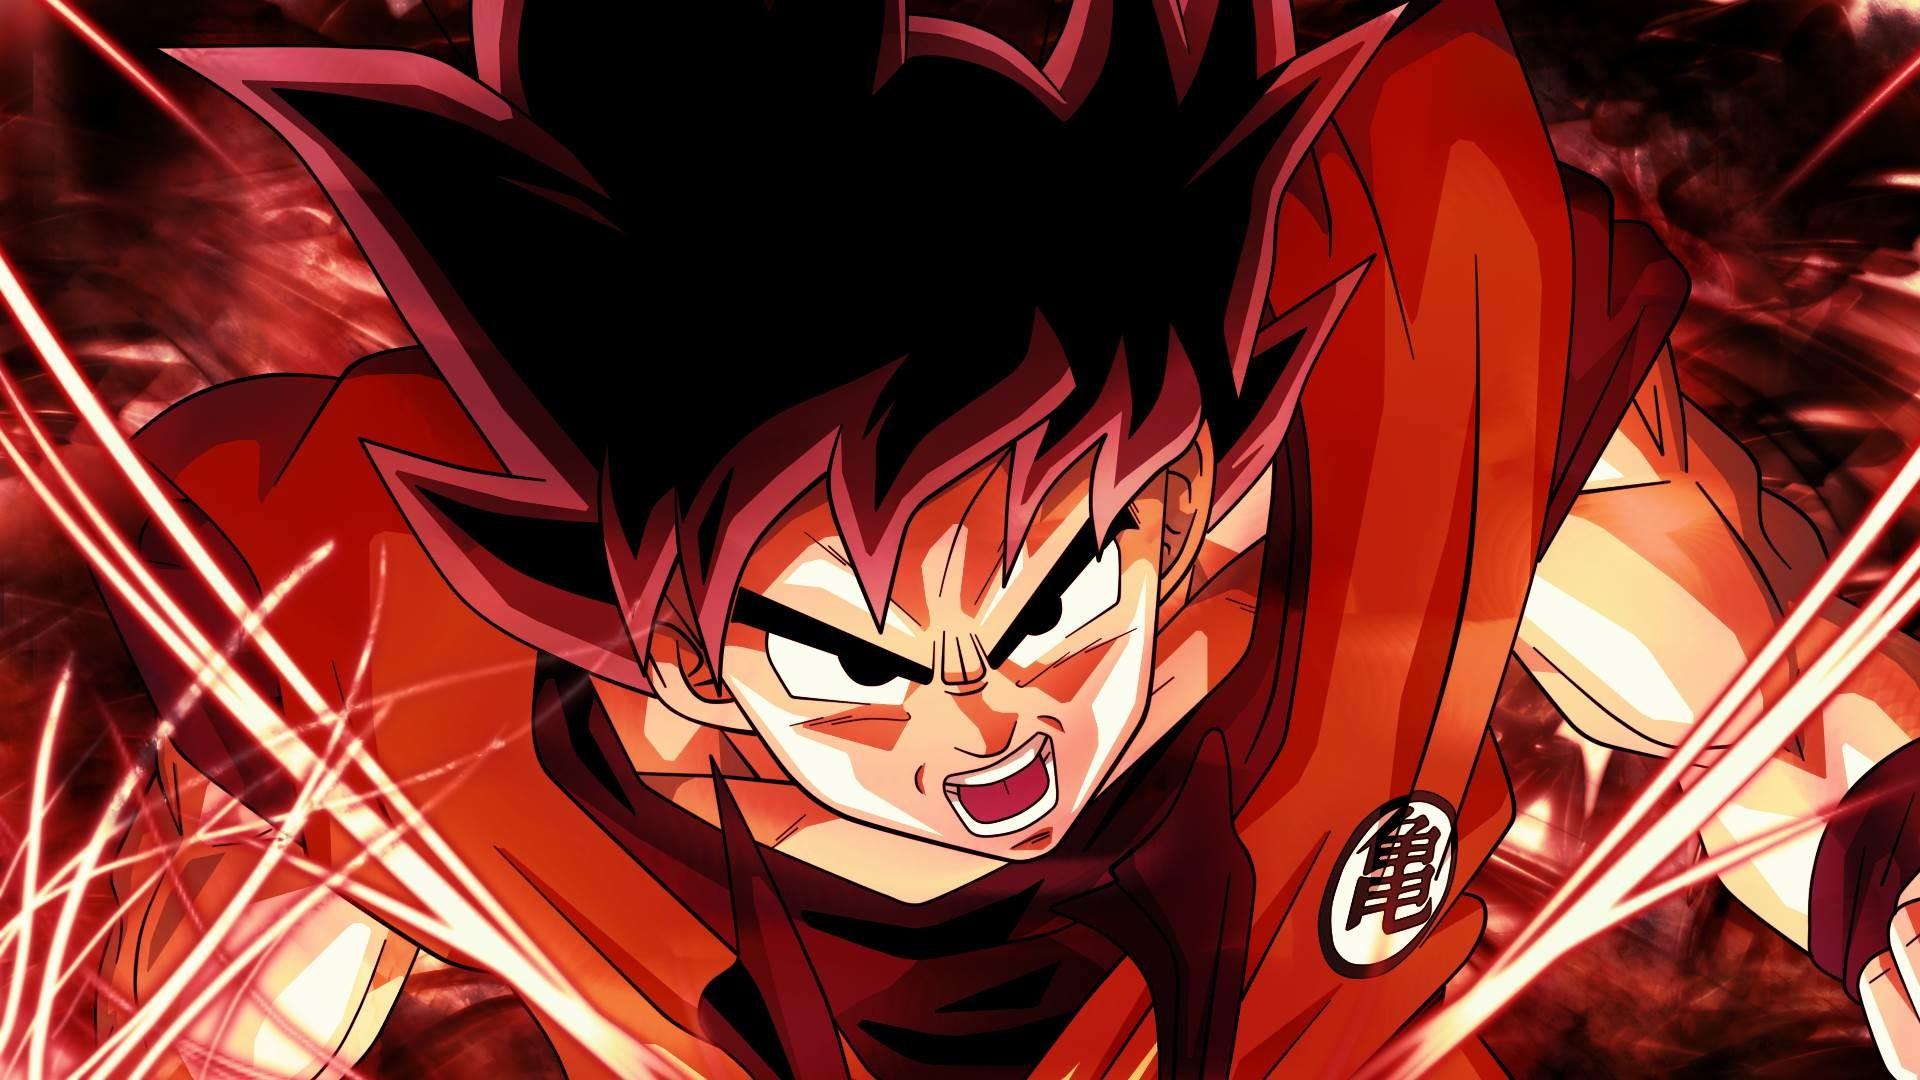 Dragon Ball Super Saiyan of Son Goku for Wallpaper HD Wallpapers 1920×1080  Goku Super